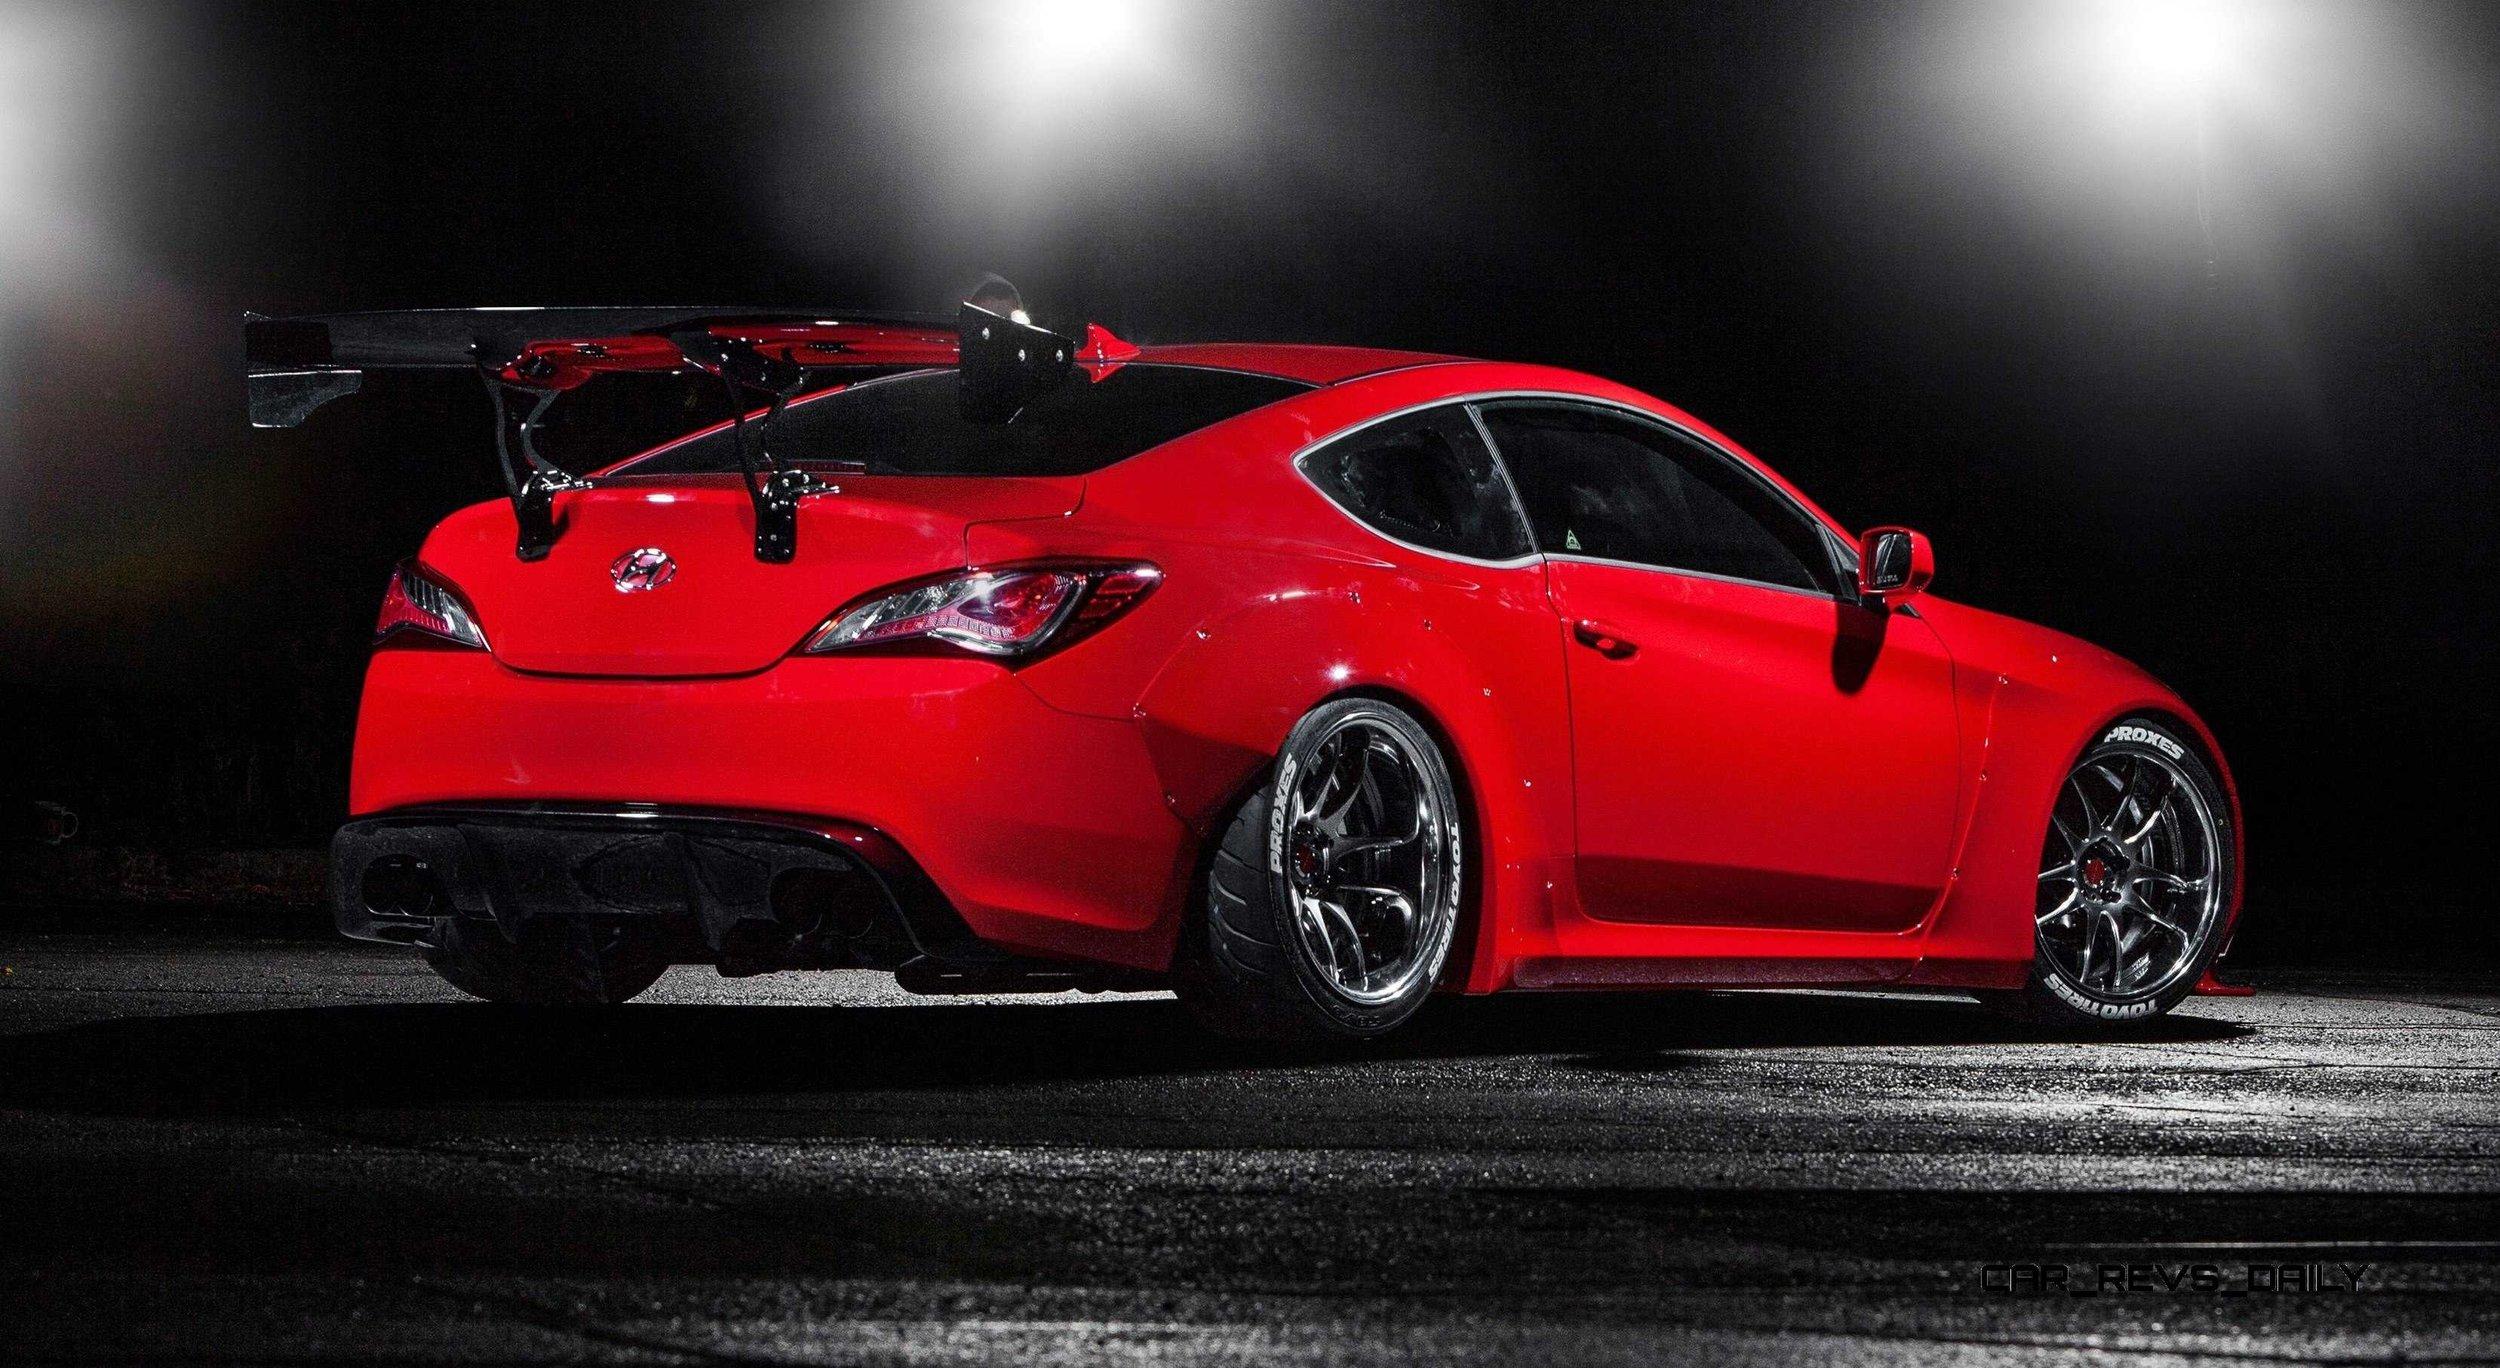 Hyundai-Genesis-Coupe-by-BloodType-Racing-2.jpg